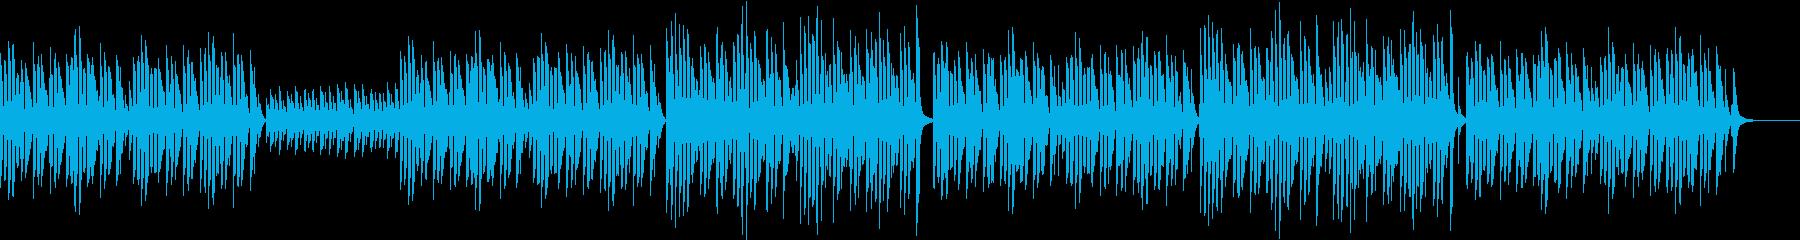 bpm088 キッズTikTok可愛い笛の再生済みの波形